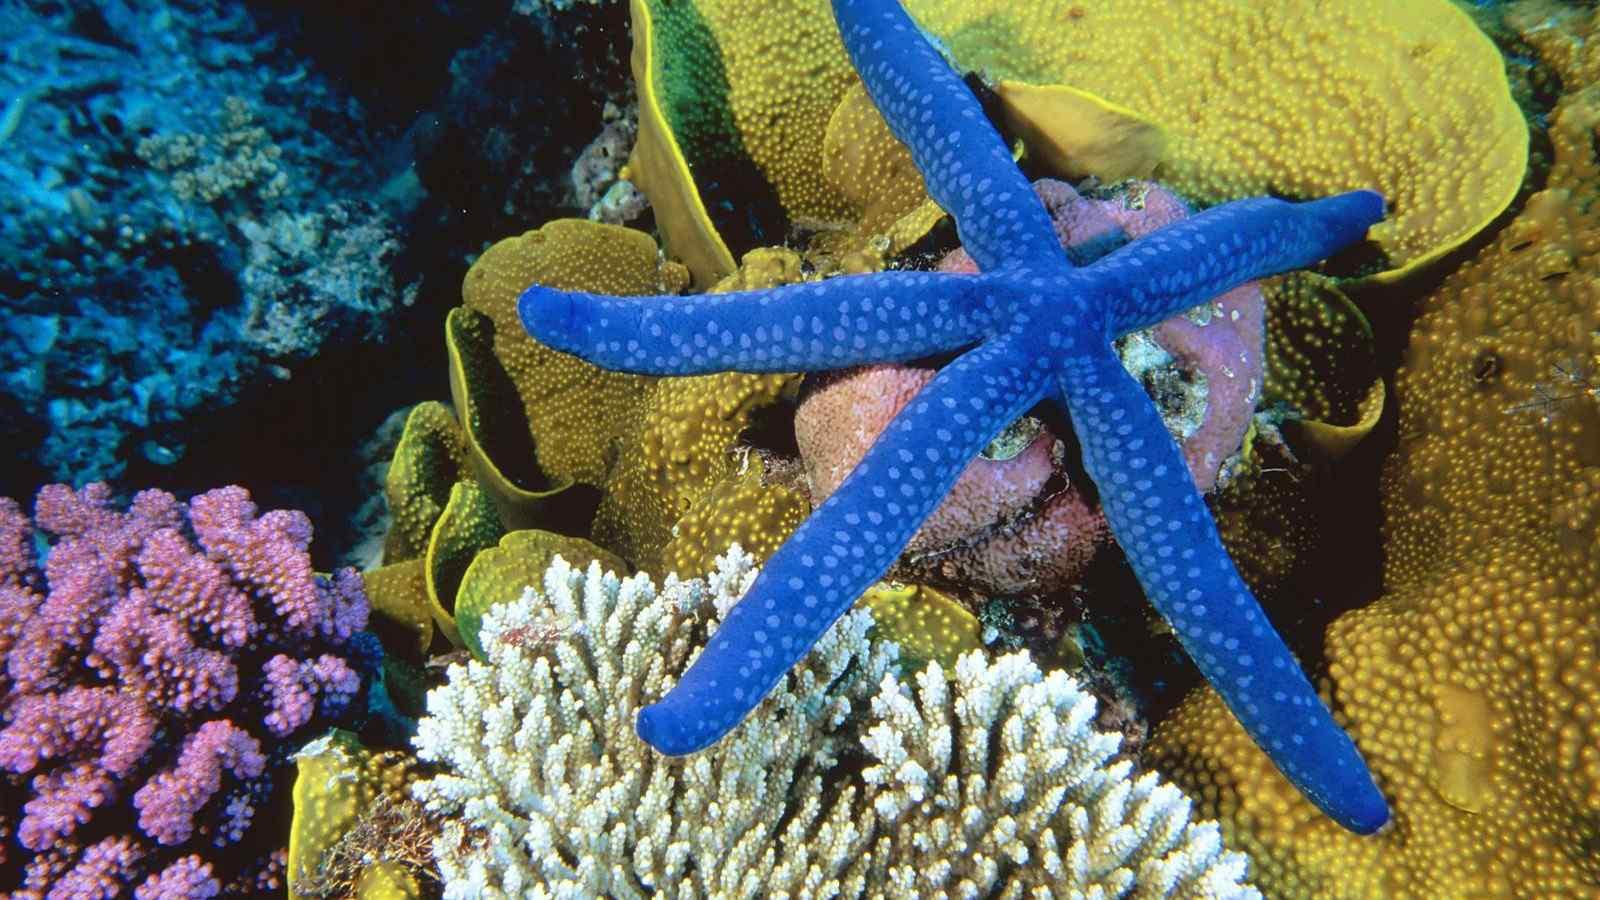 蓝色海星生物壁纸